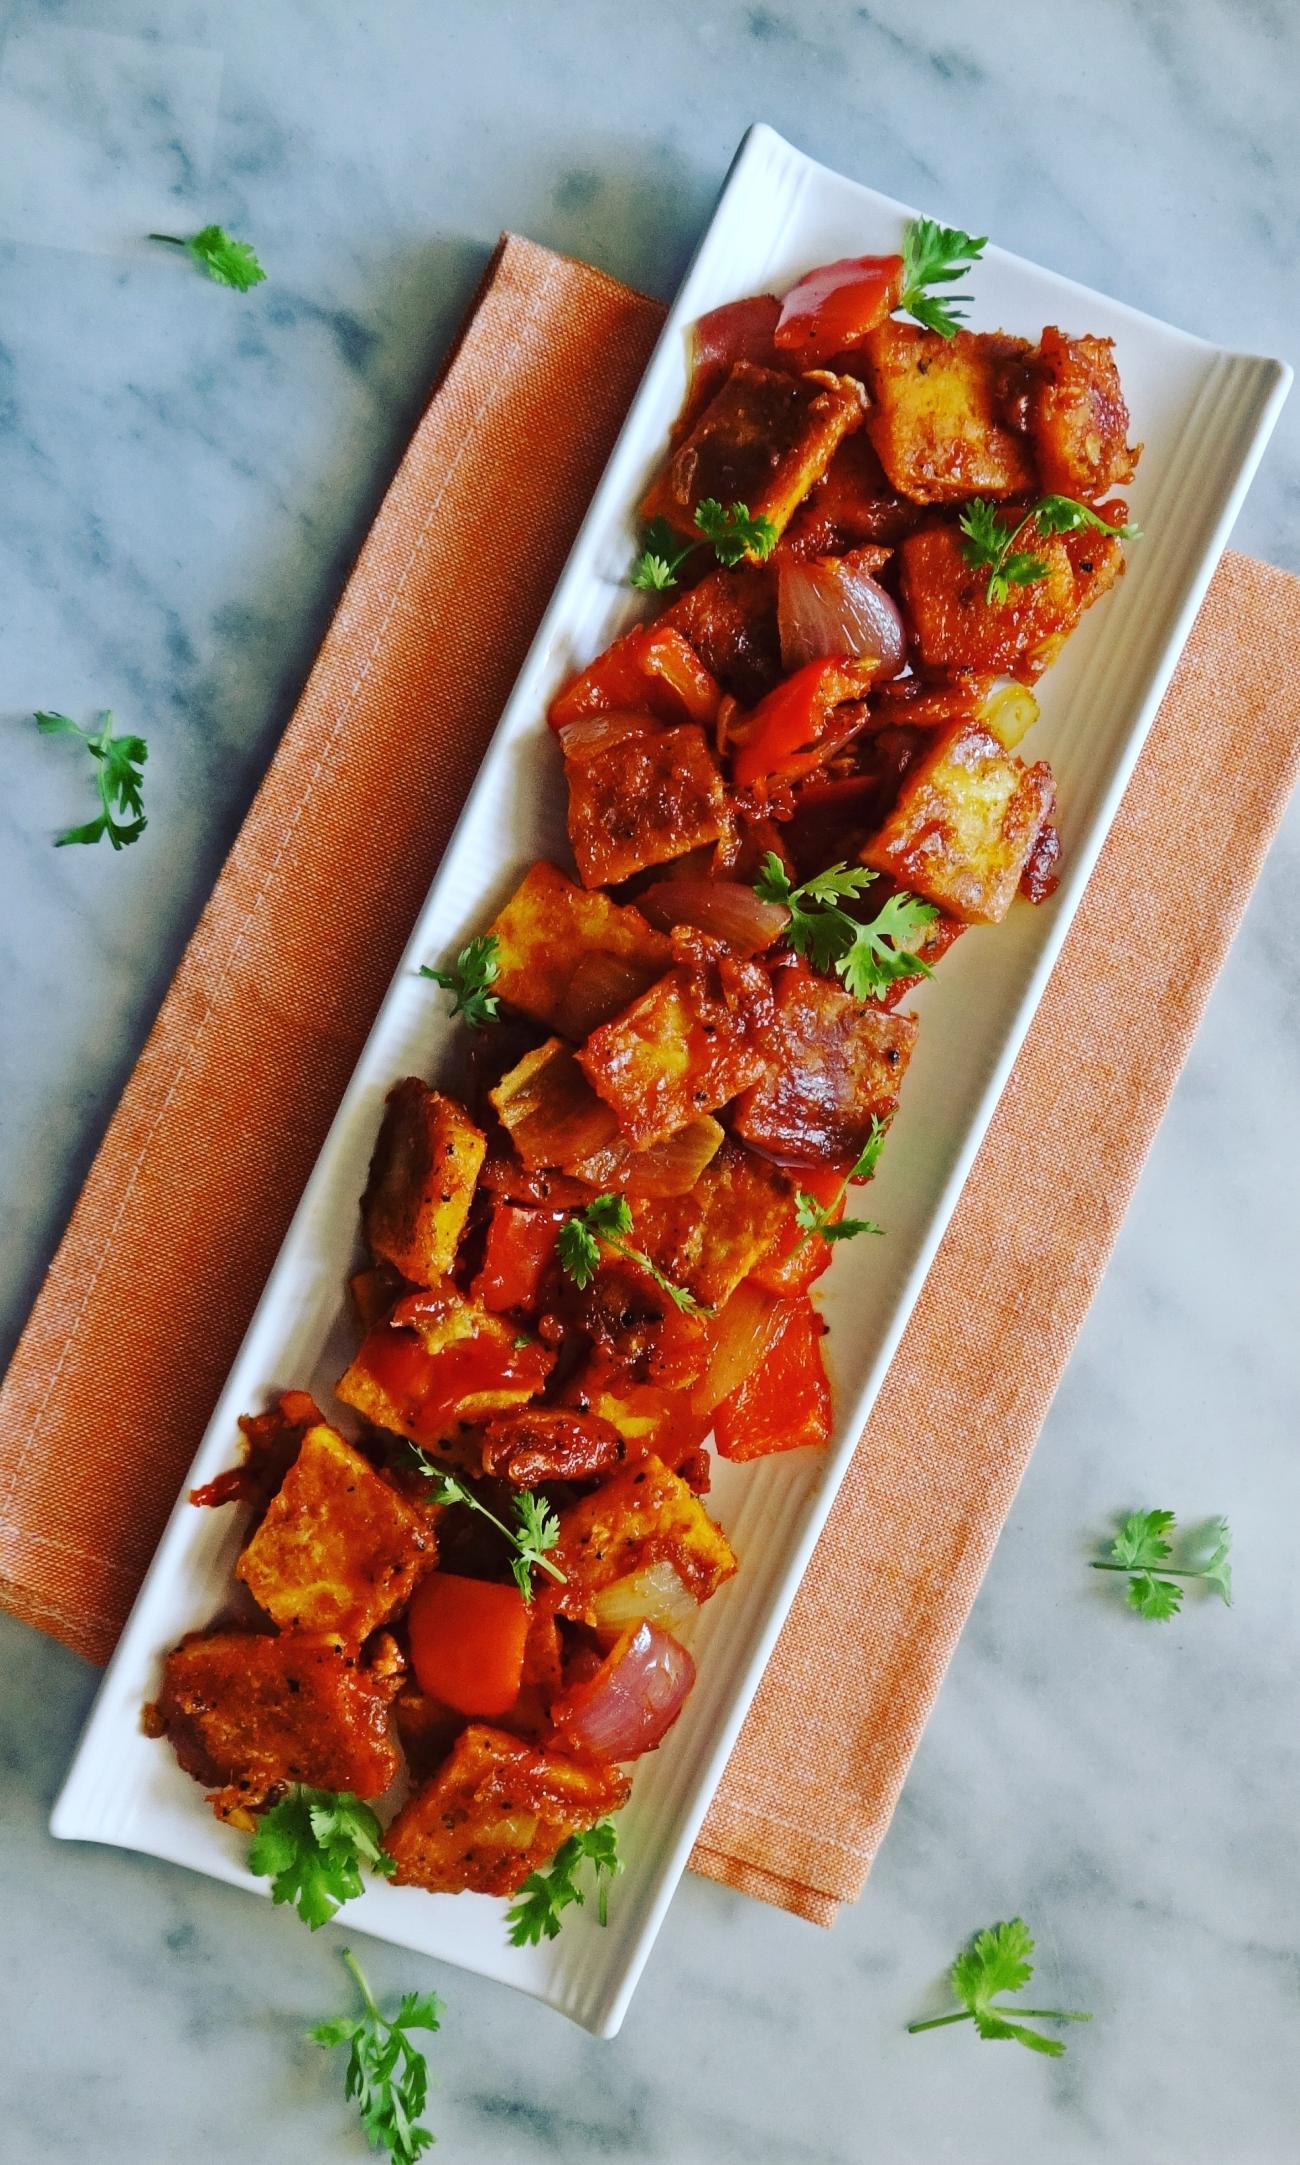 Paneer and Capsicum Chili Recipe